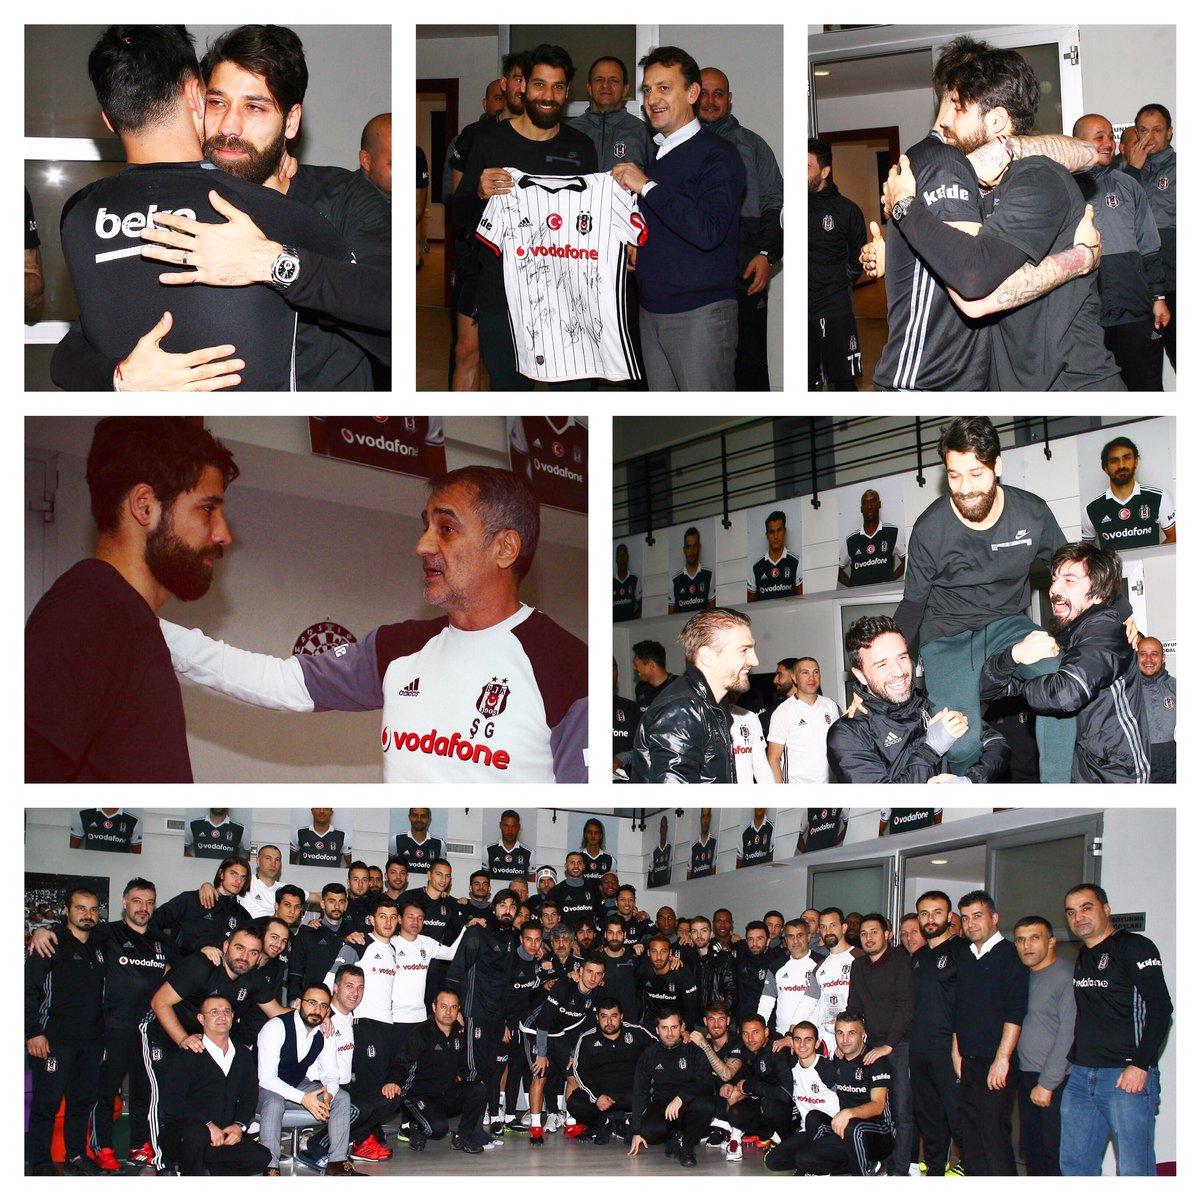 Yolun açık olsun #OlcayŞahan... Tüm emeklerin için teşekkür ederiz. #Beşiktaş<br>http://pic.twitter.com/3d4QdcfzsT